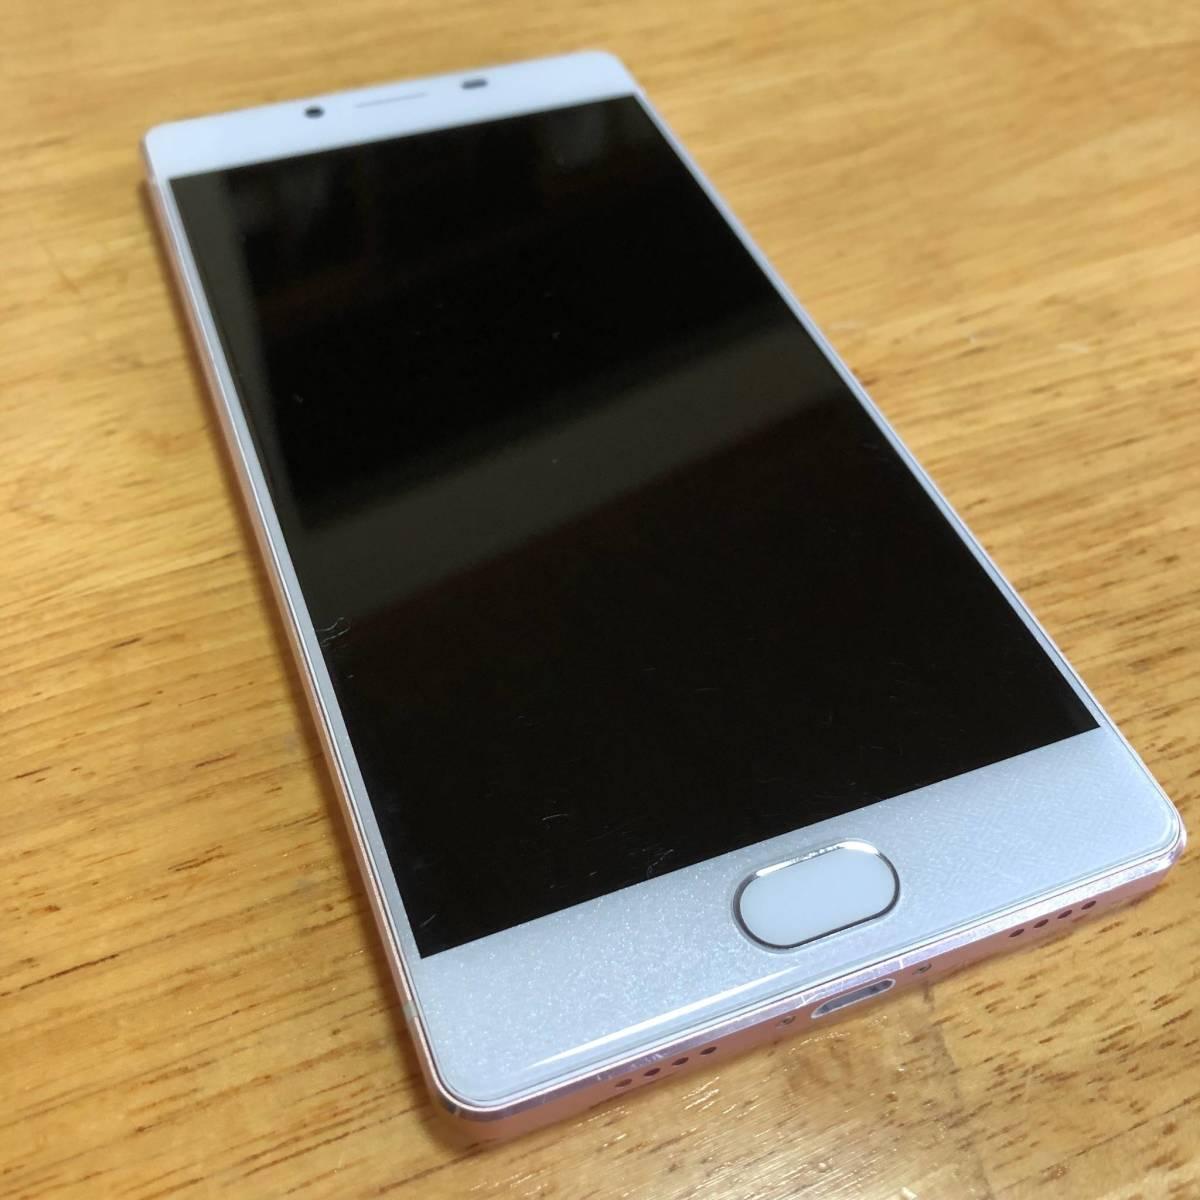 SIMフリー スマホ スマートフォン freetel REI Priori3S LTE FTJ161B C Priori3S 格安スマホ ピンクゴールド 送料無料_画像2